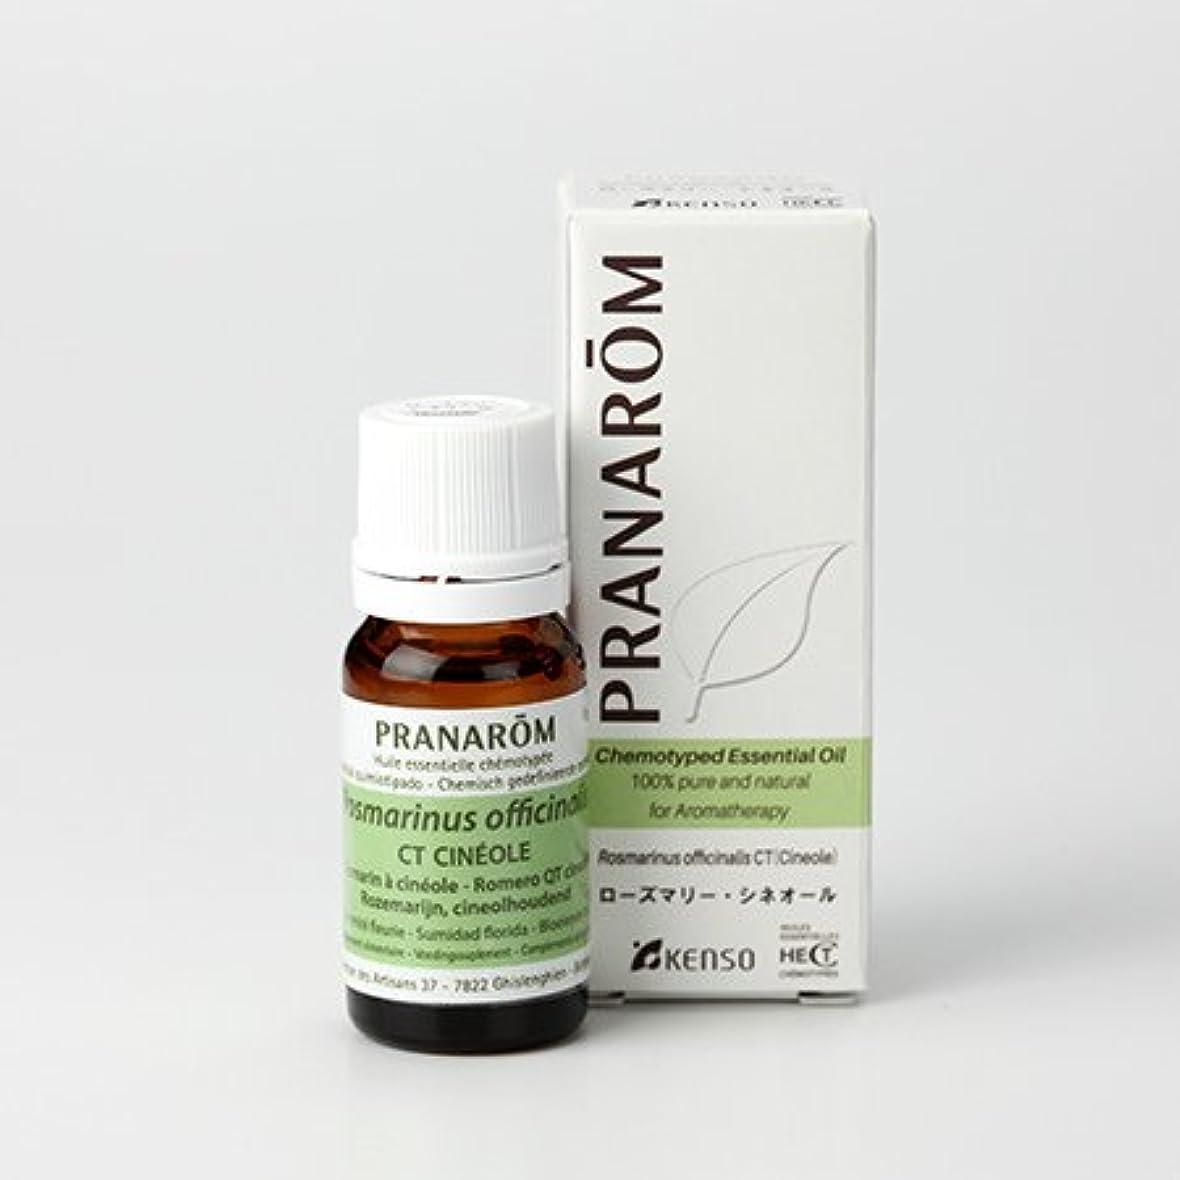 広くカニ集まるプラナロム ローズマリーシネオール 10ml (PRANAROM ケモタイプ精油)